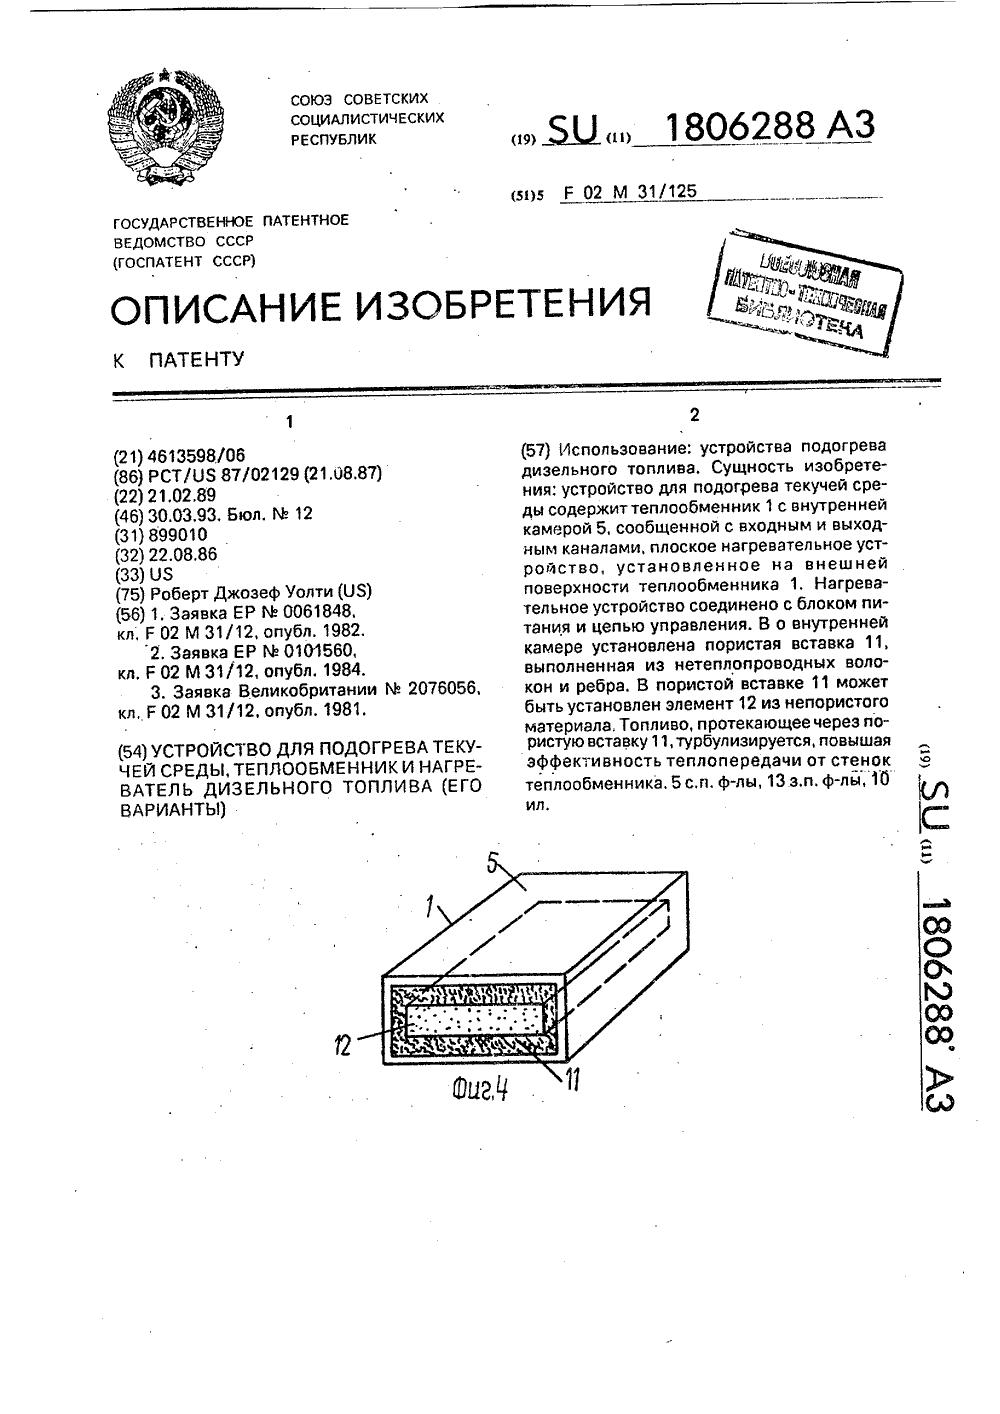 Вихревой теплообменник тепловые Уплотнения теплообменника Sondex S6A Волгодонск